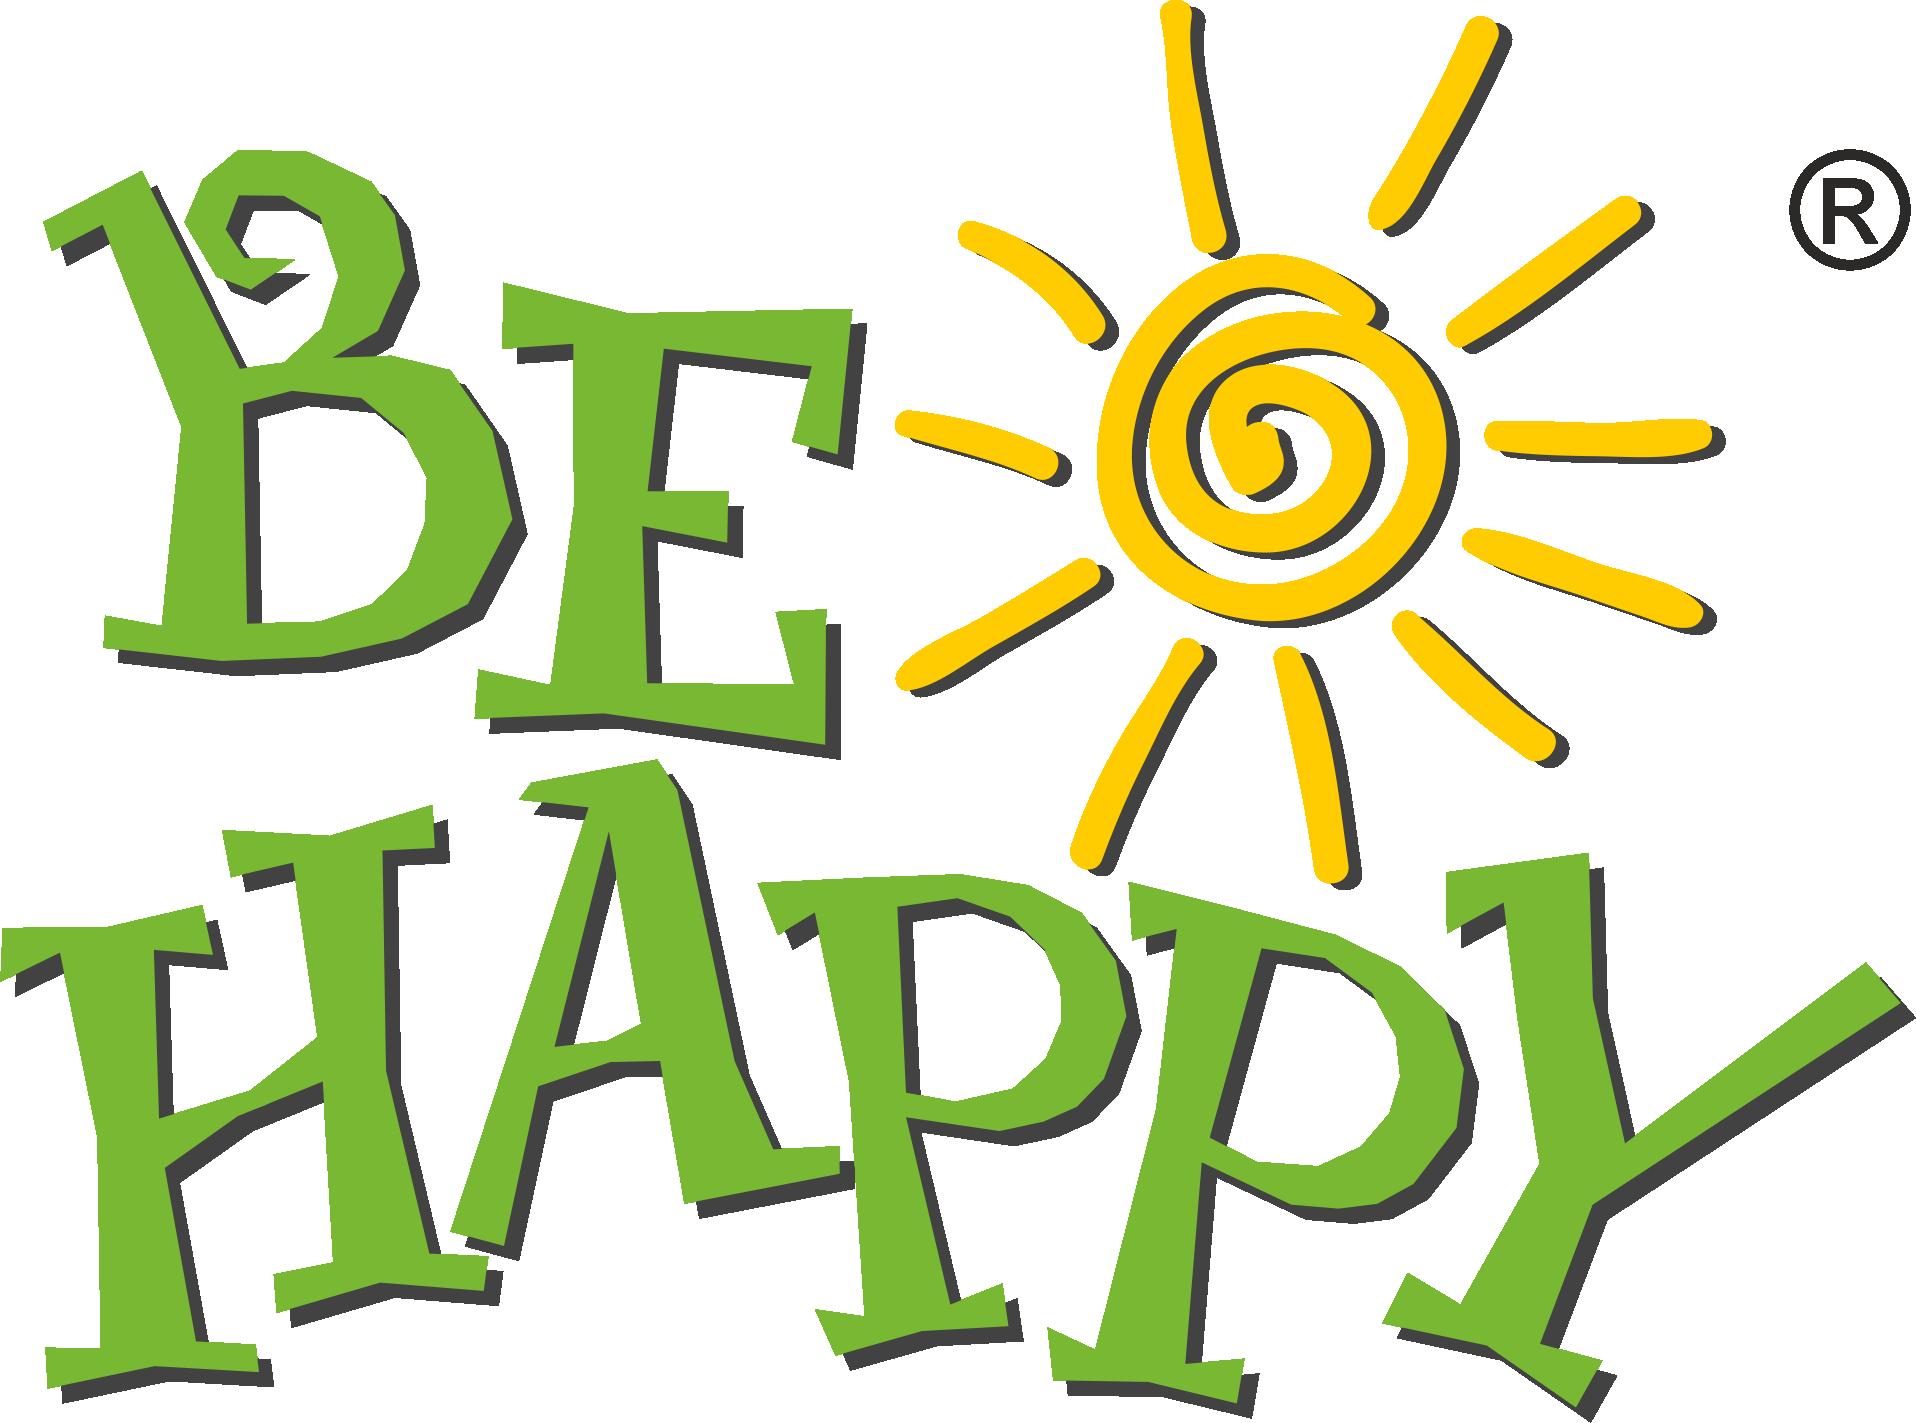 Shmetterling - Be Happy - Personalisierte Geschenke Großhandel